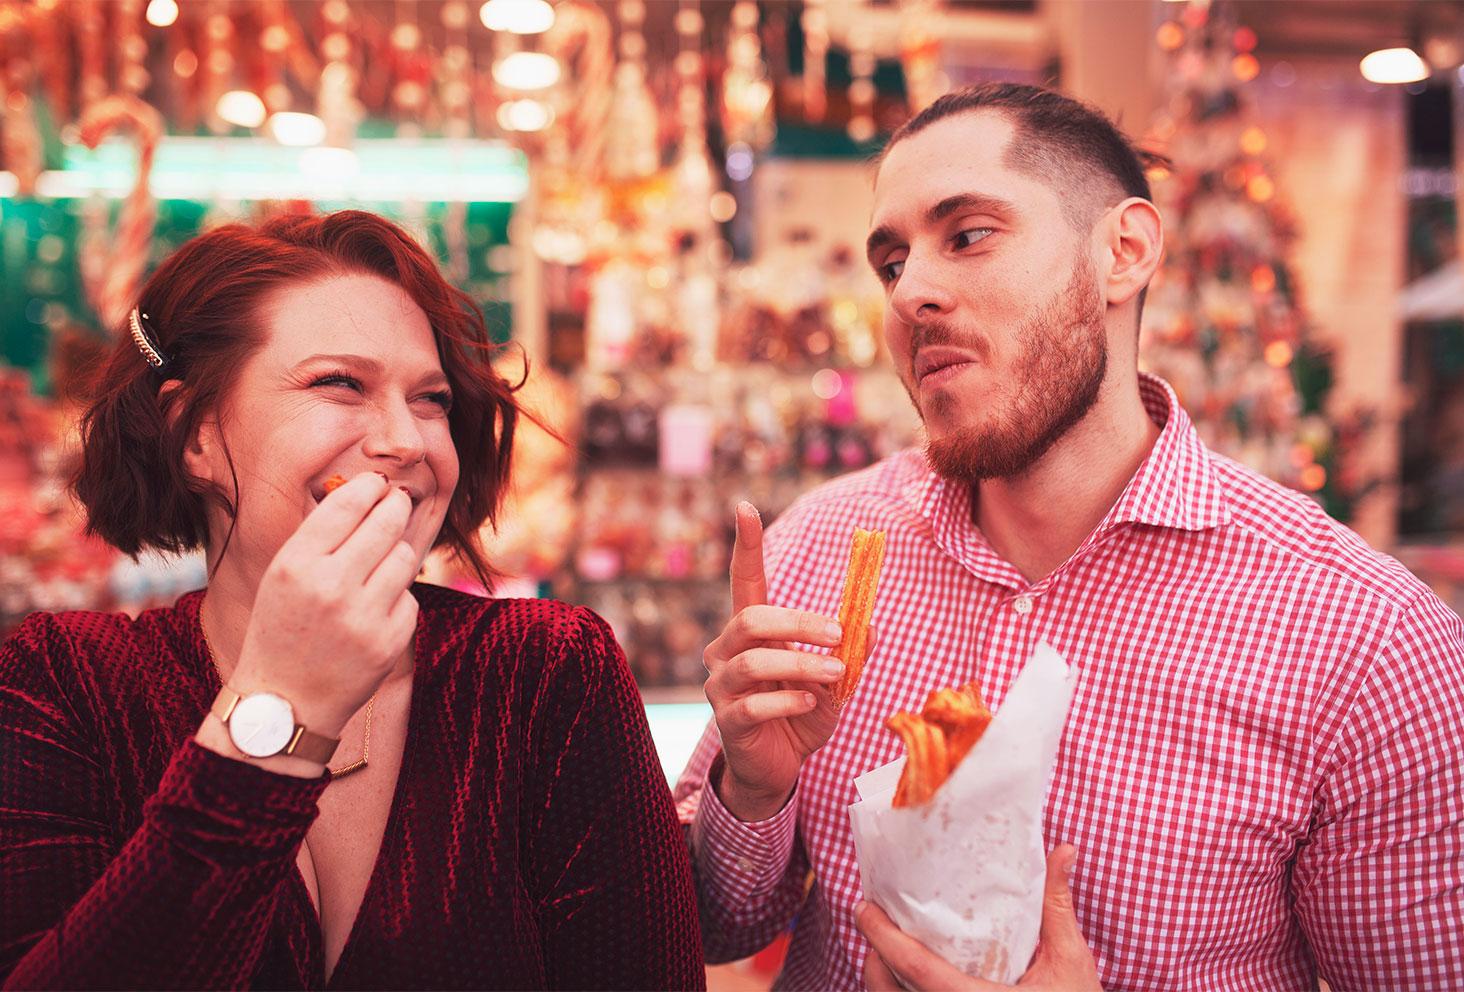 Fou rire en amoureux en train de manger des chichis sur le marché de Noël de Tours